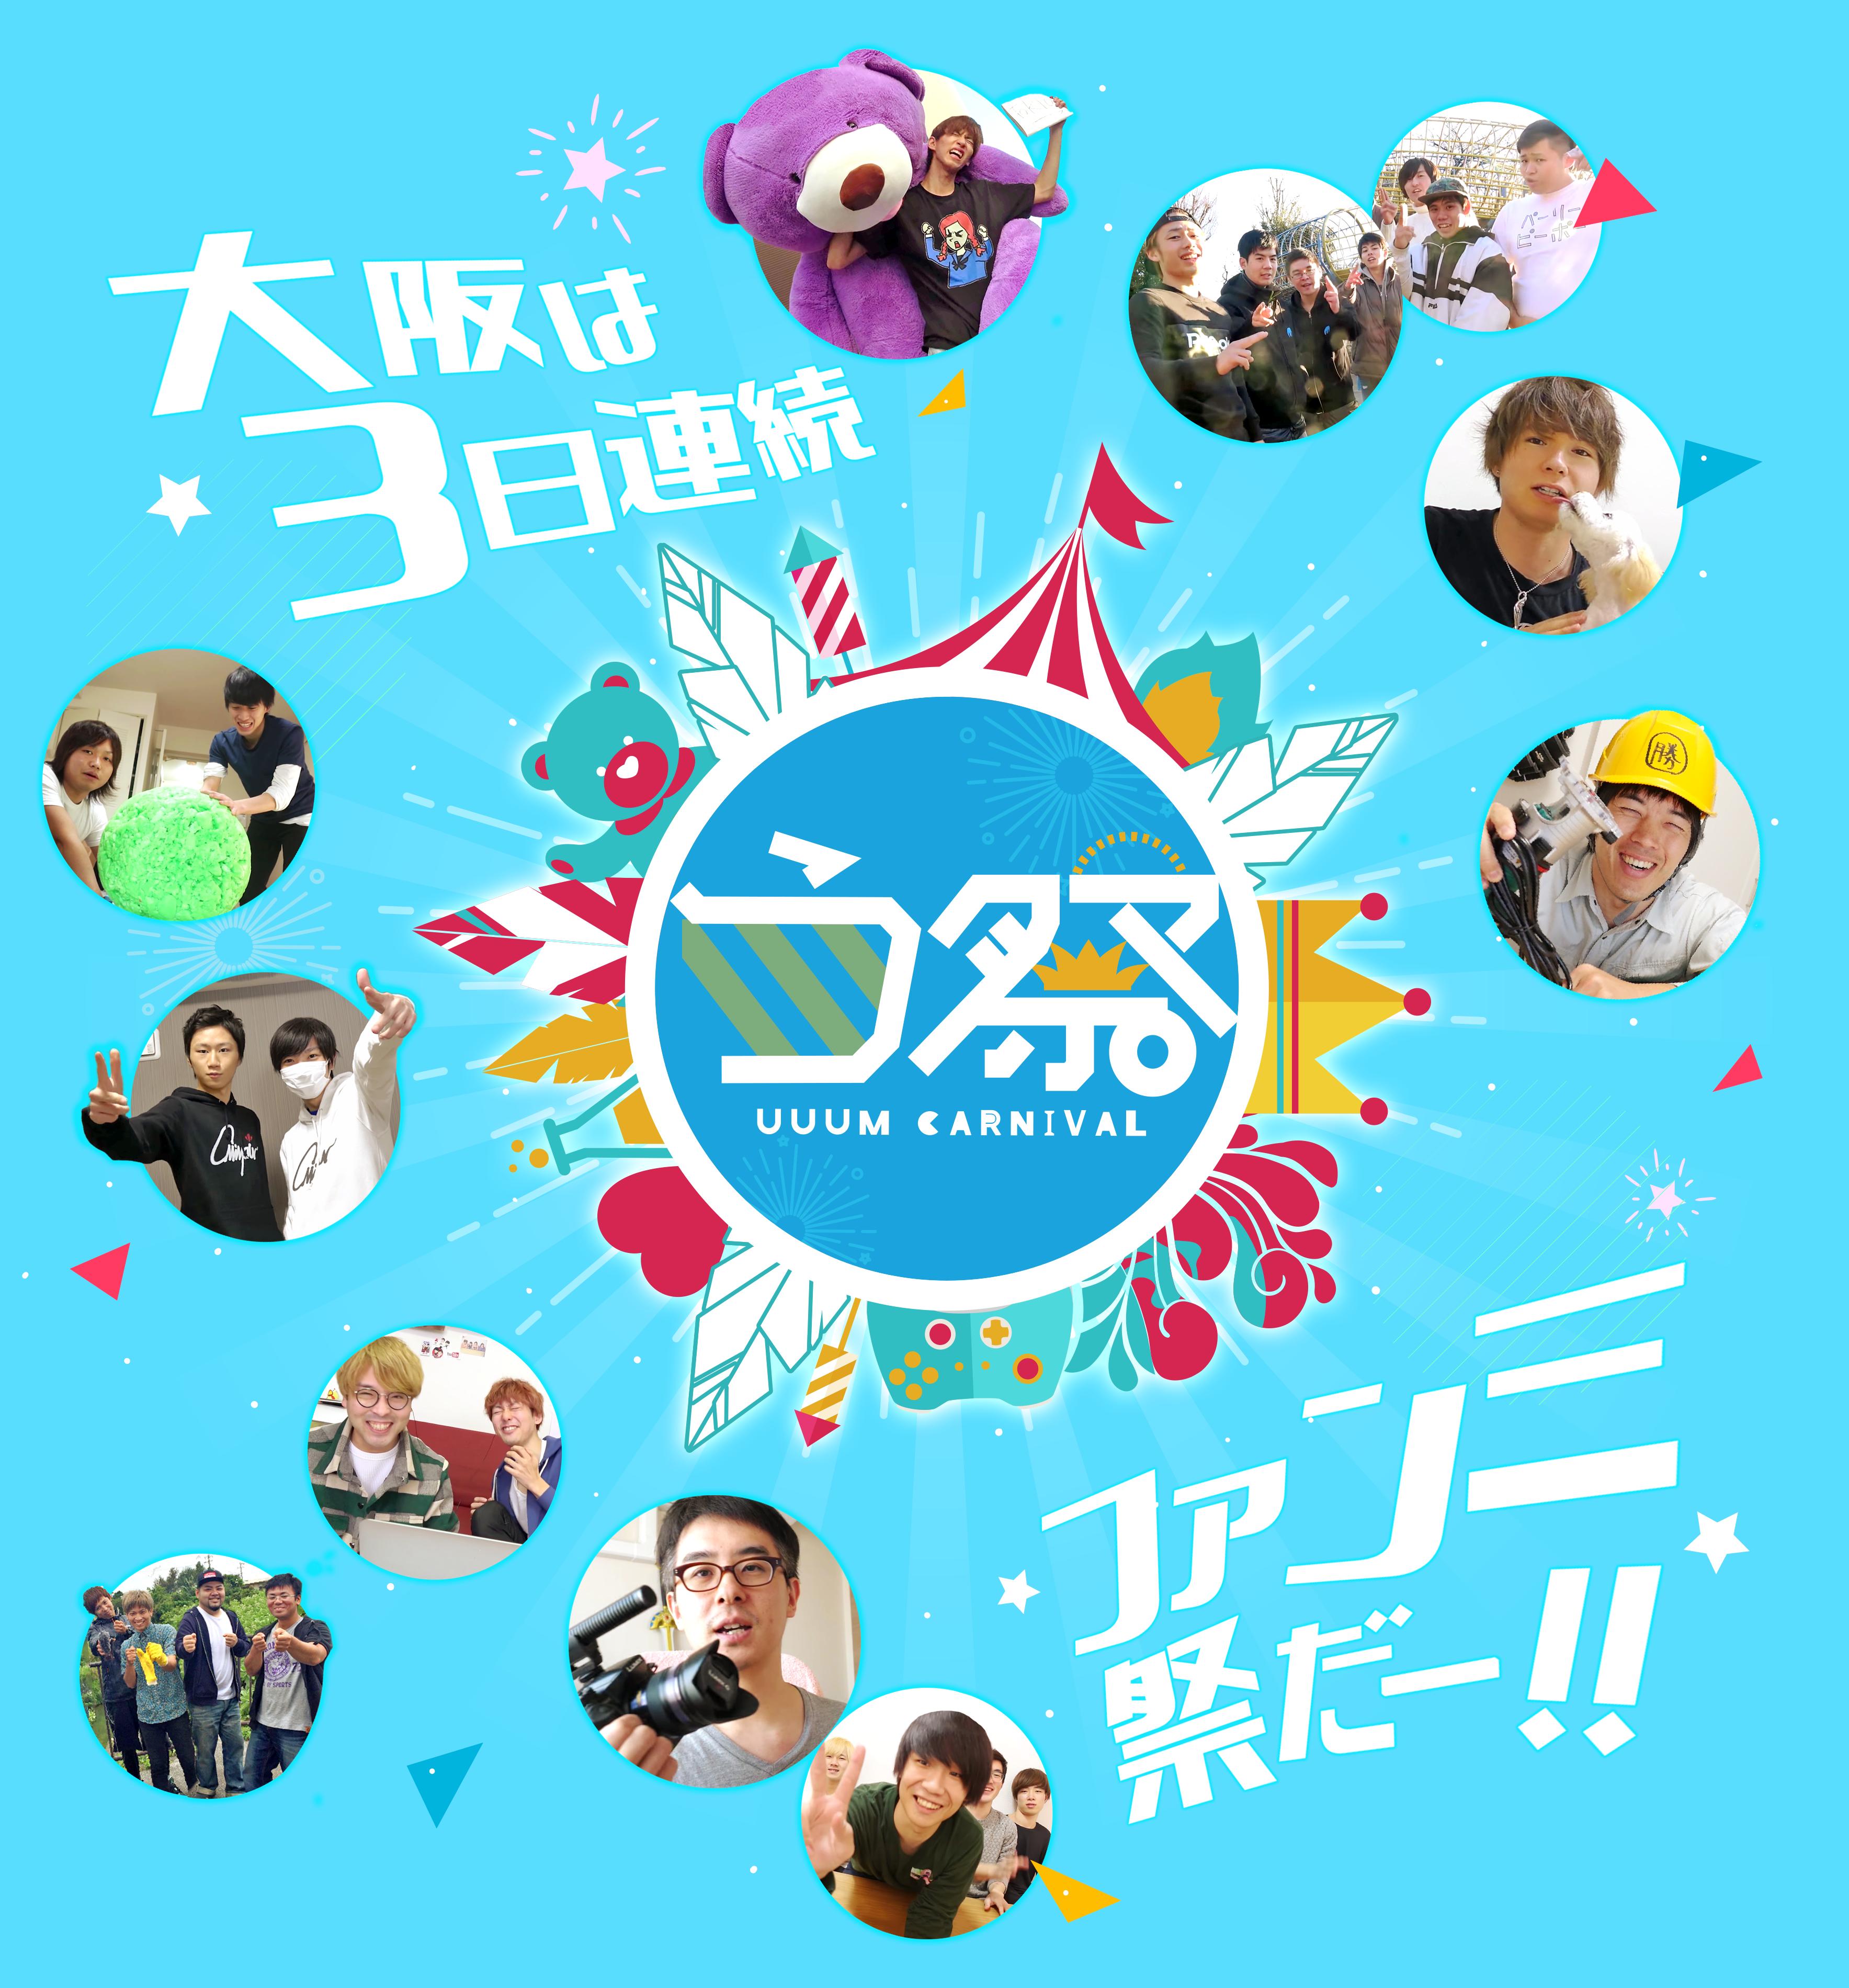 う祭 大阪は3日連続ファンミ祭だー!!